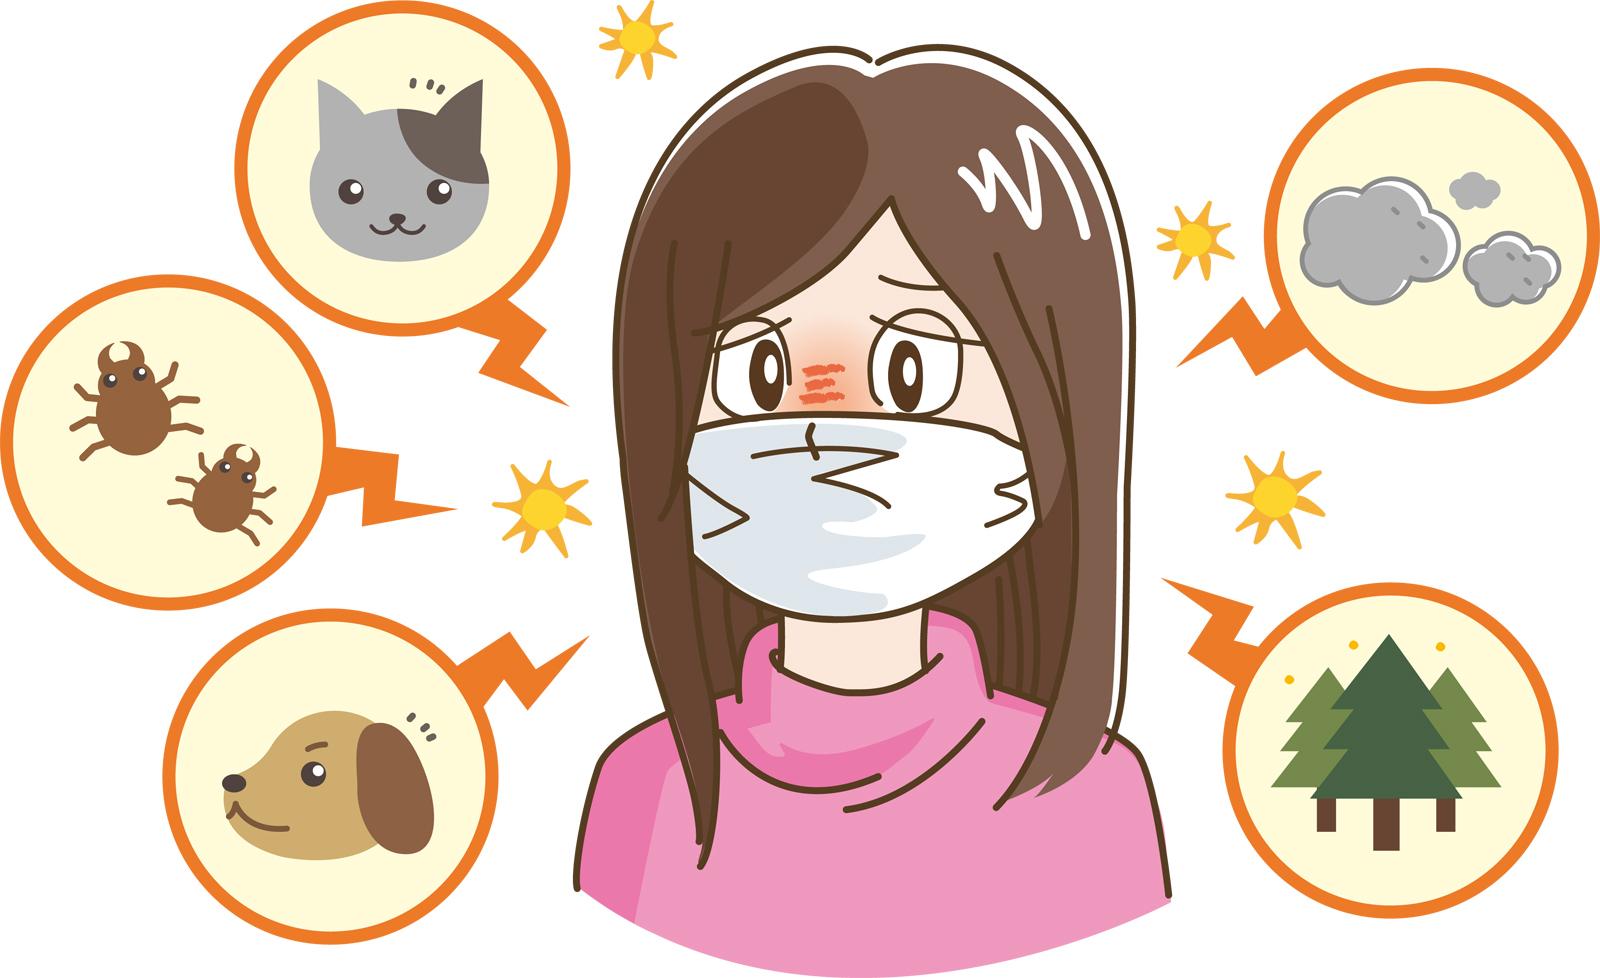 アレルゲン:アレルギーの原因